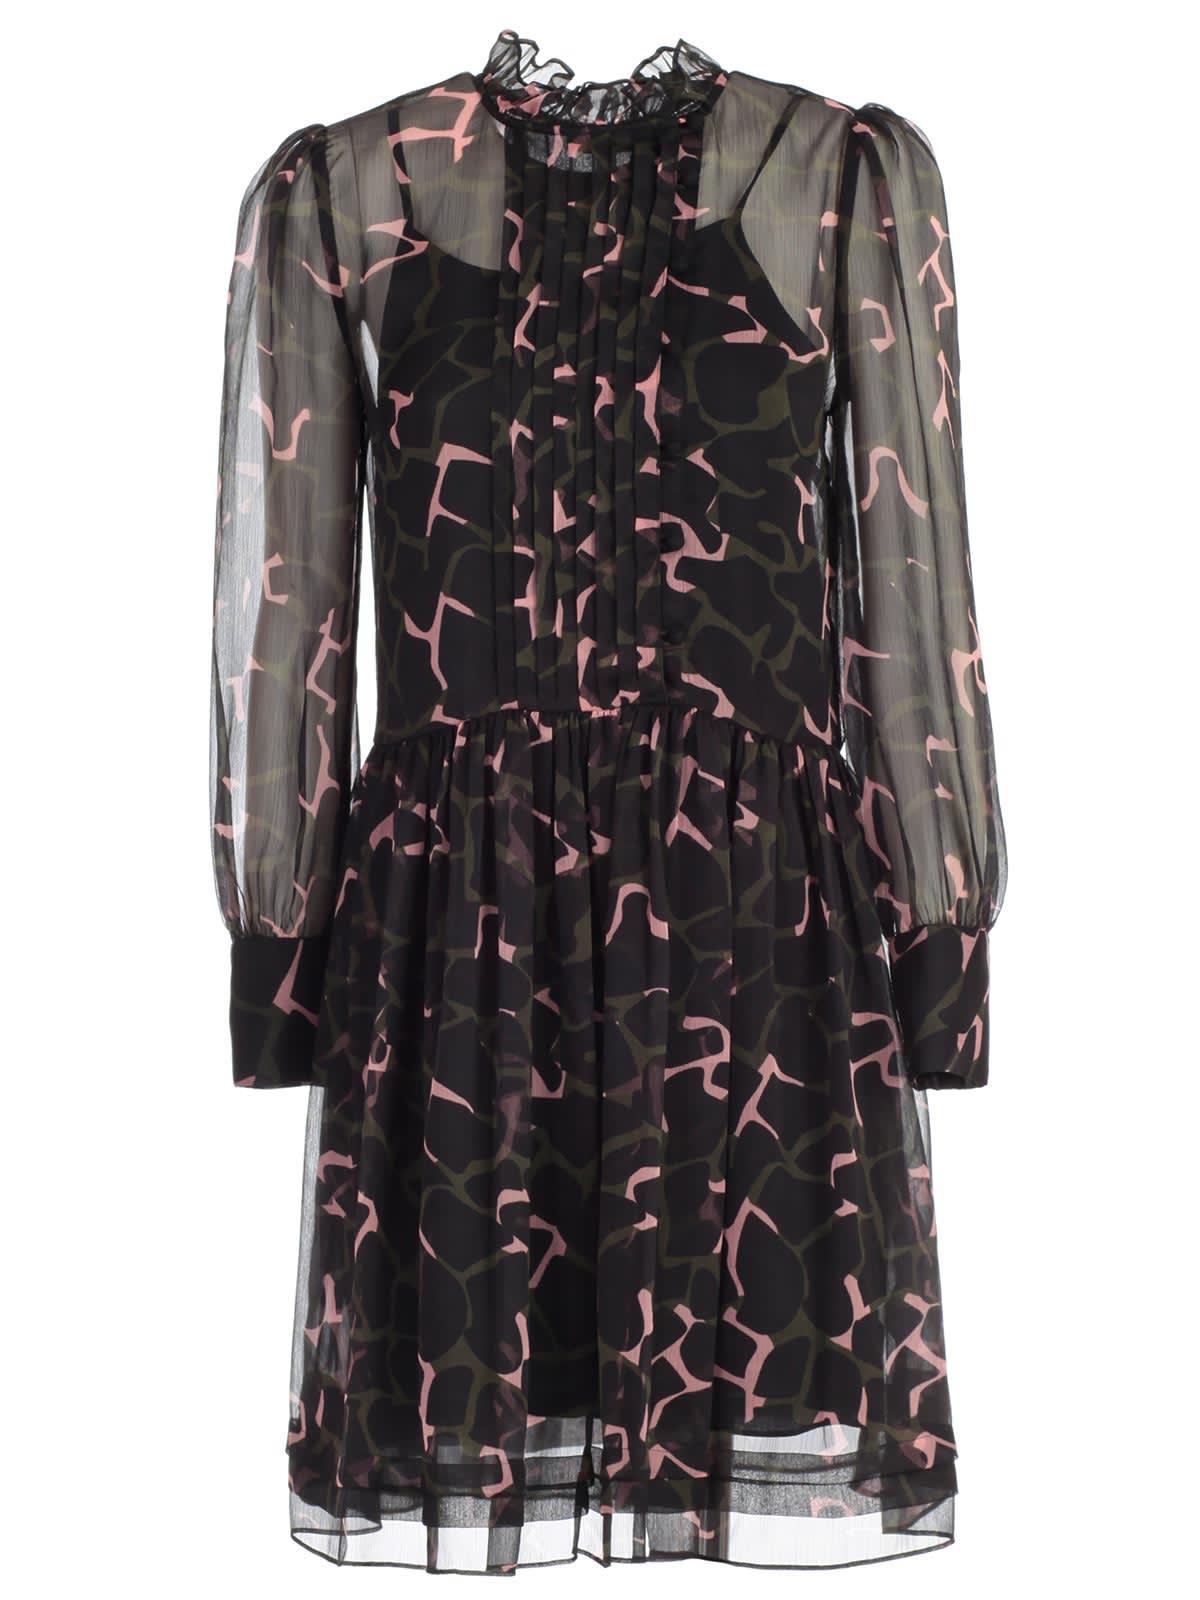 Emporio Armani Dress L & s Giraffe Print